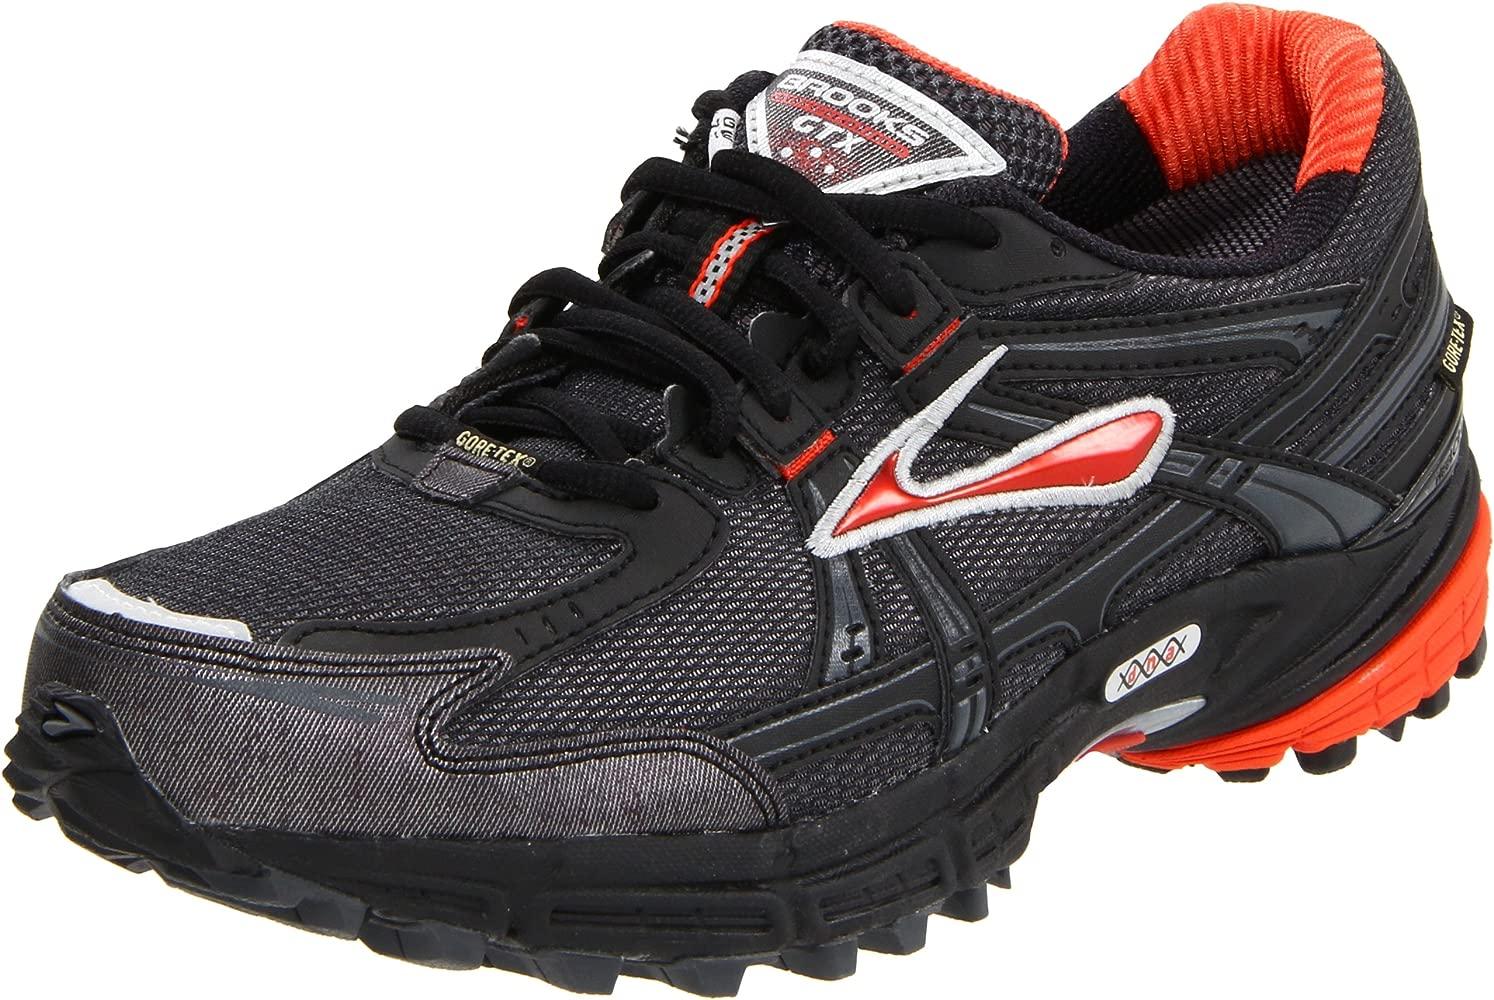 Adrenaline GTX M Running Shoes